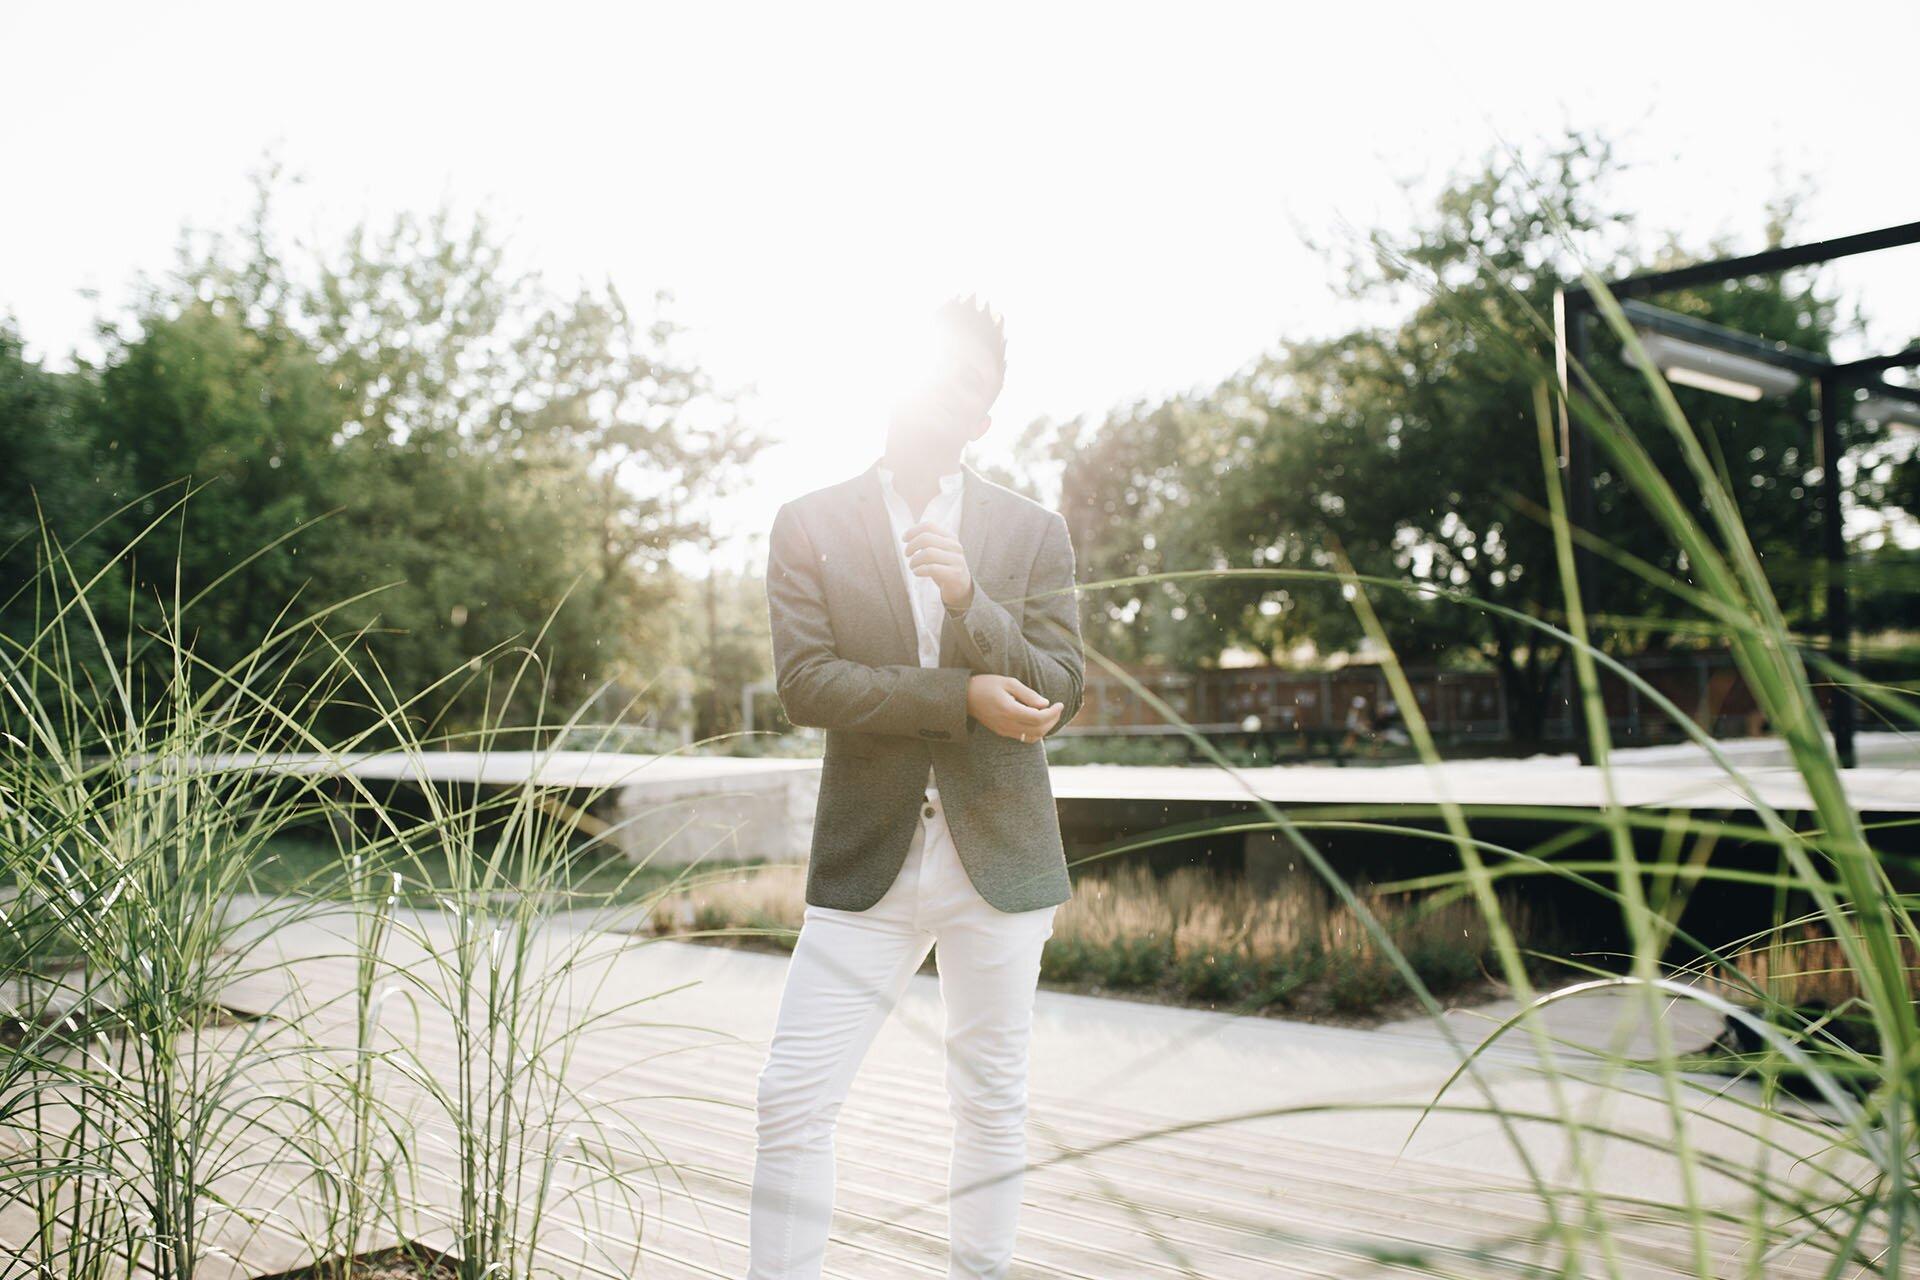 Oksfordy, Buty Męskie, Partenope, Klasyczne buty, Elegancki mężczyzna, Gmale by Grzegorz Paliś, All White Everything, White total look, P